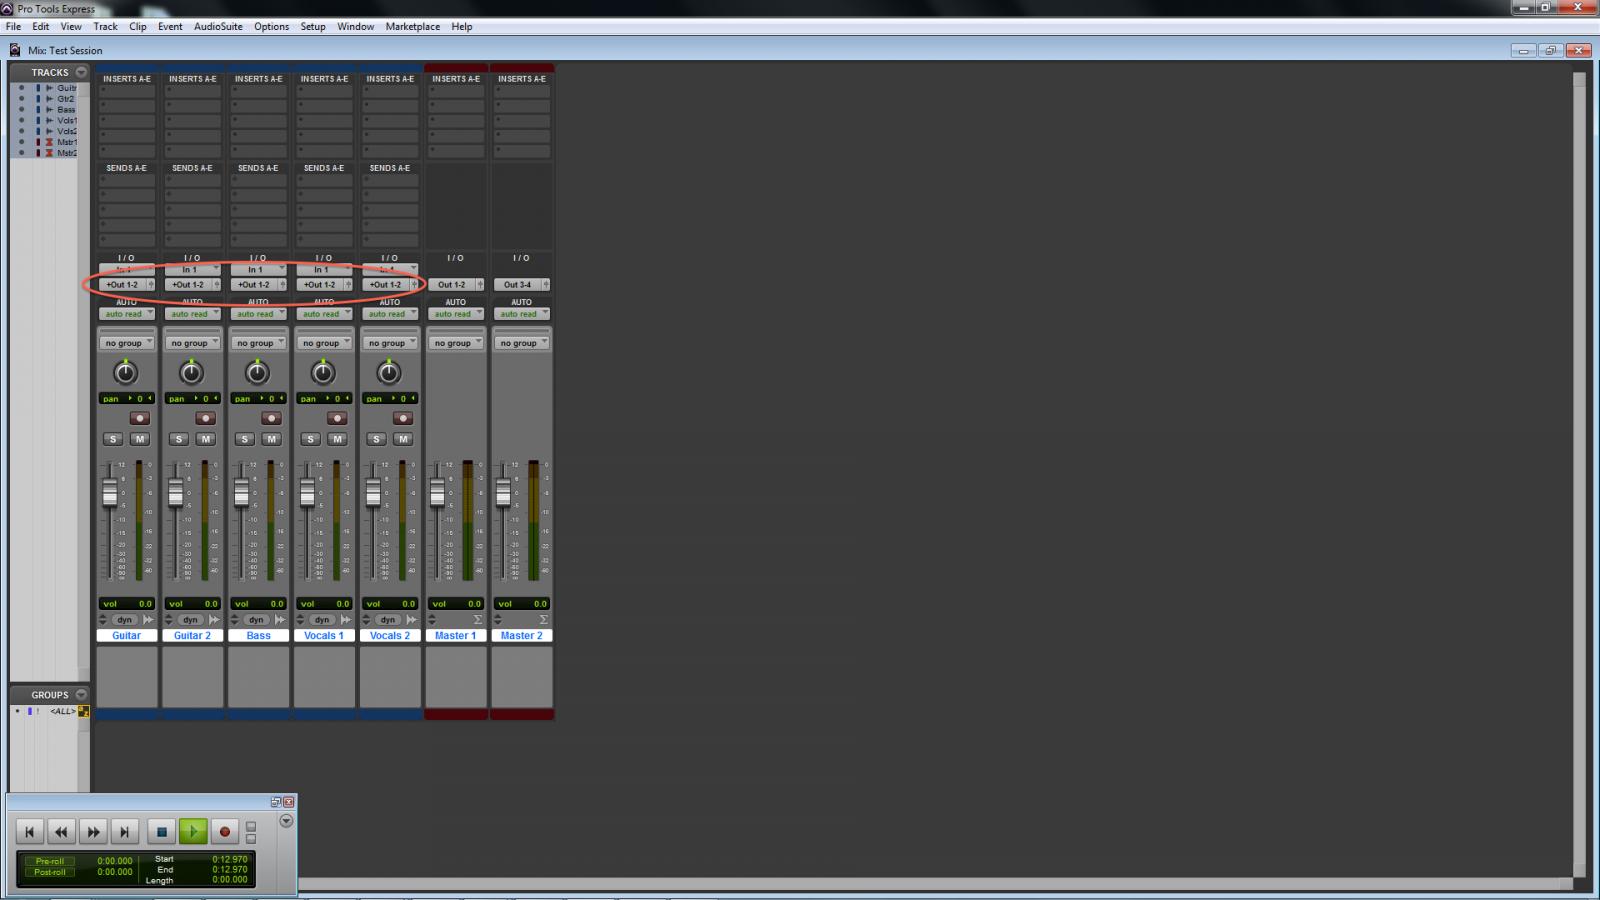 Akai EIE Pro - Setup with Pro Tools Express Akai Pro/M-Audio Edition